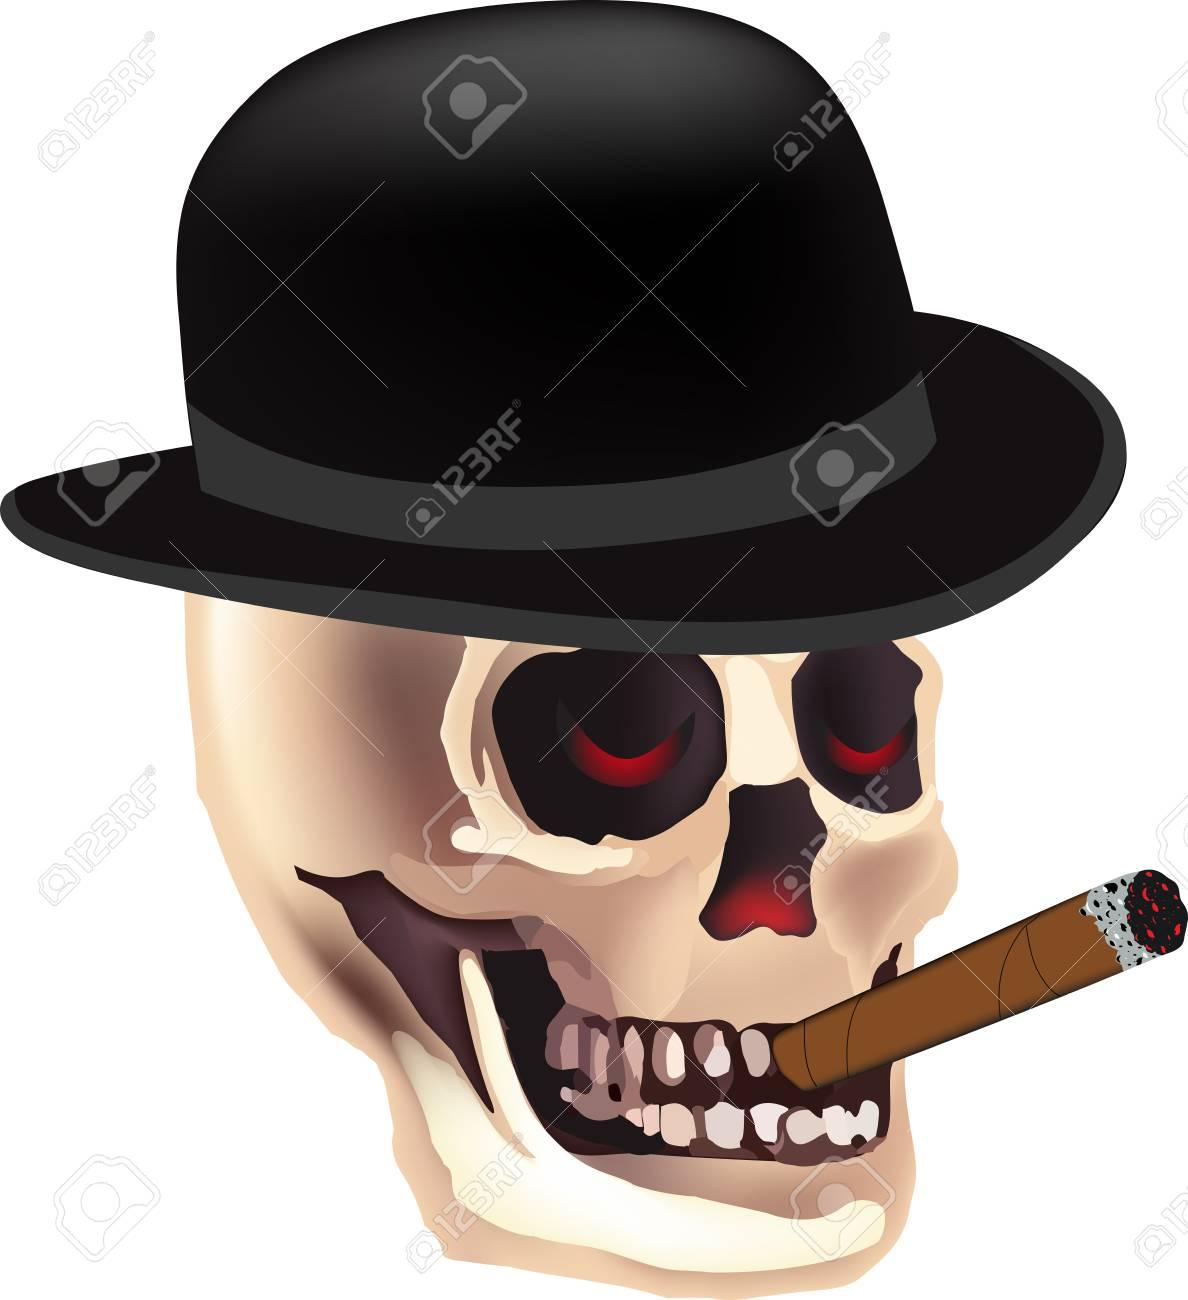 d961641735c Halloween skeleton with top reaper smoking skull vector stock vector jpg  1188x1300 Skeleton with top hat